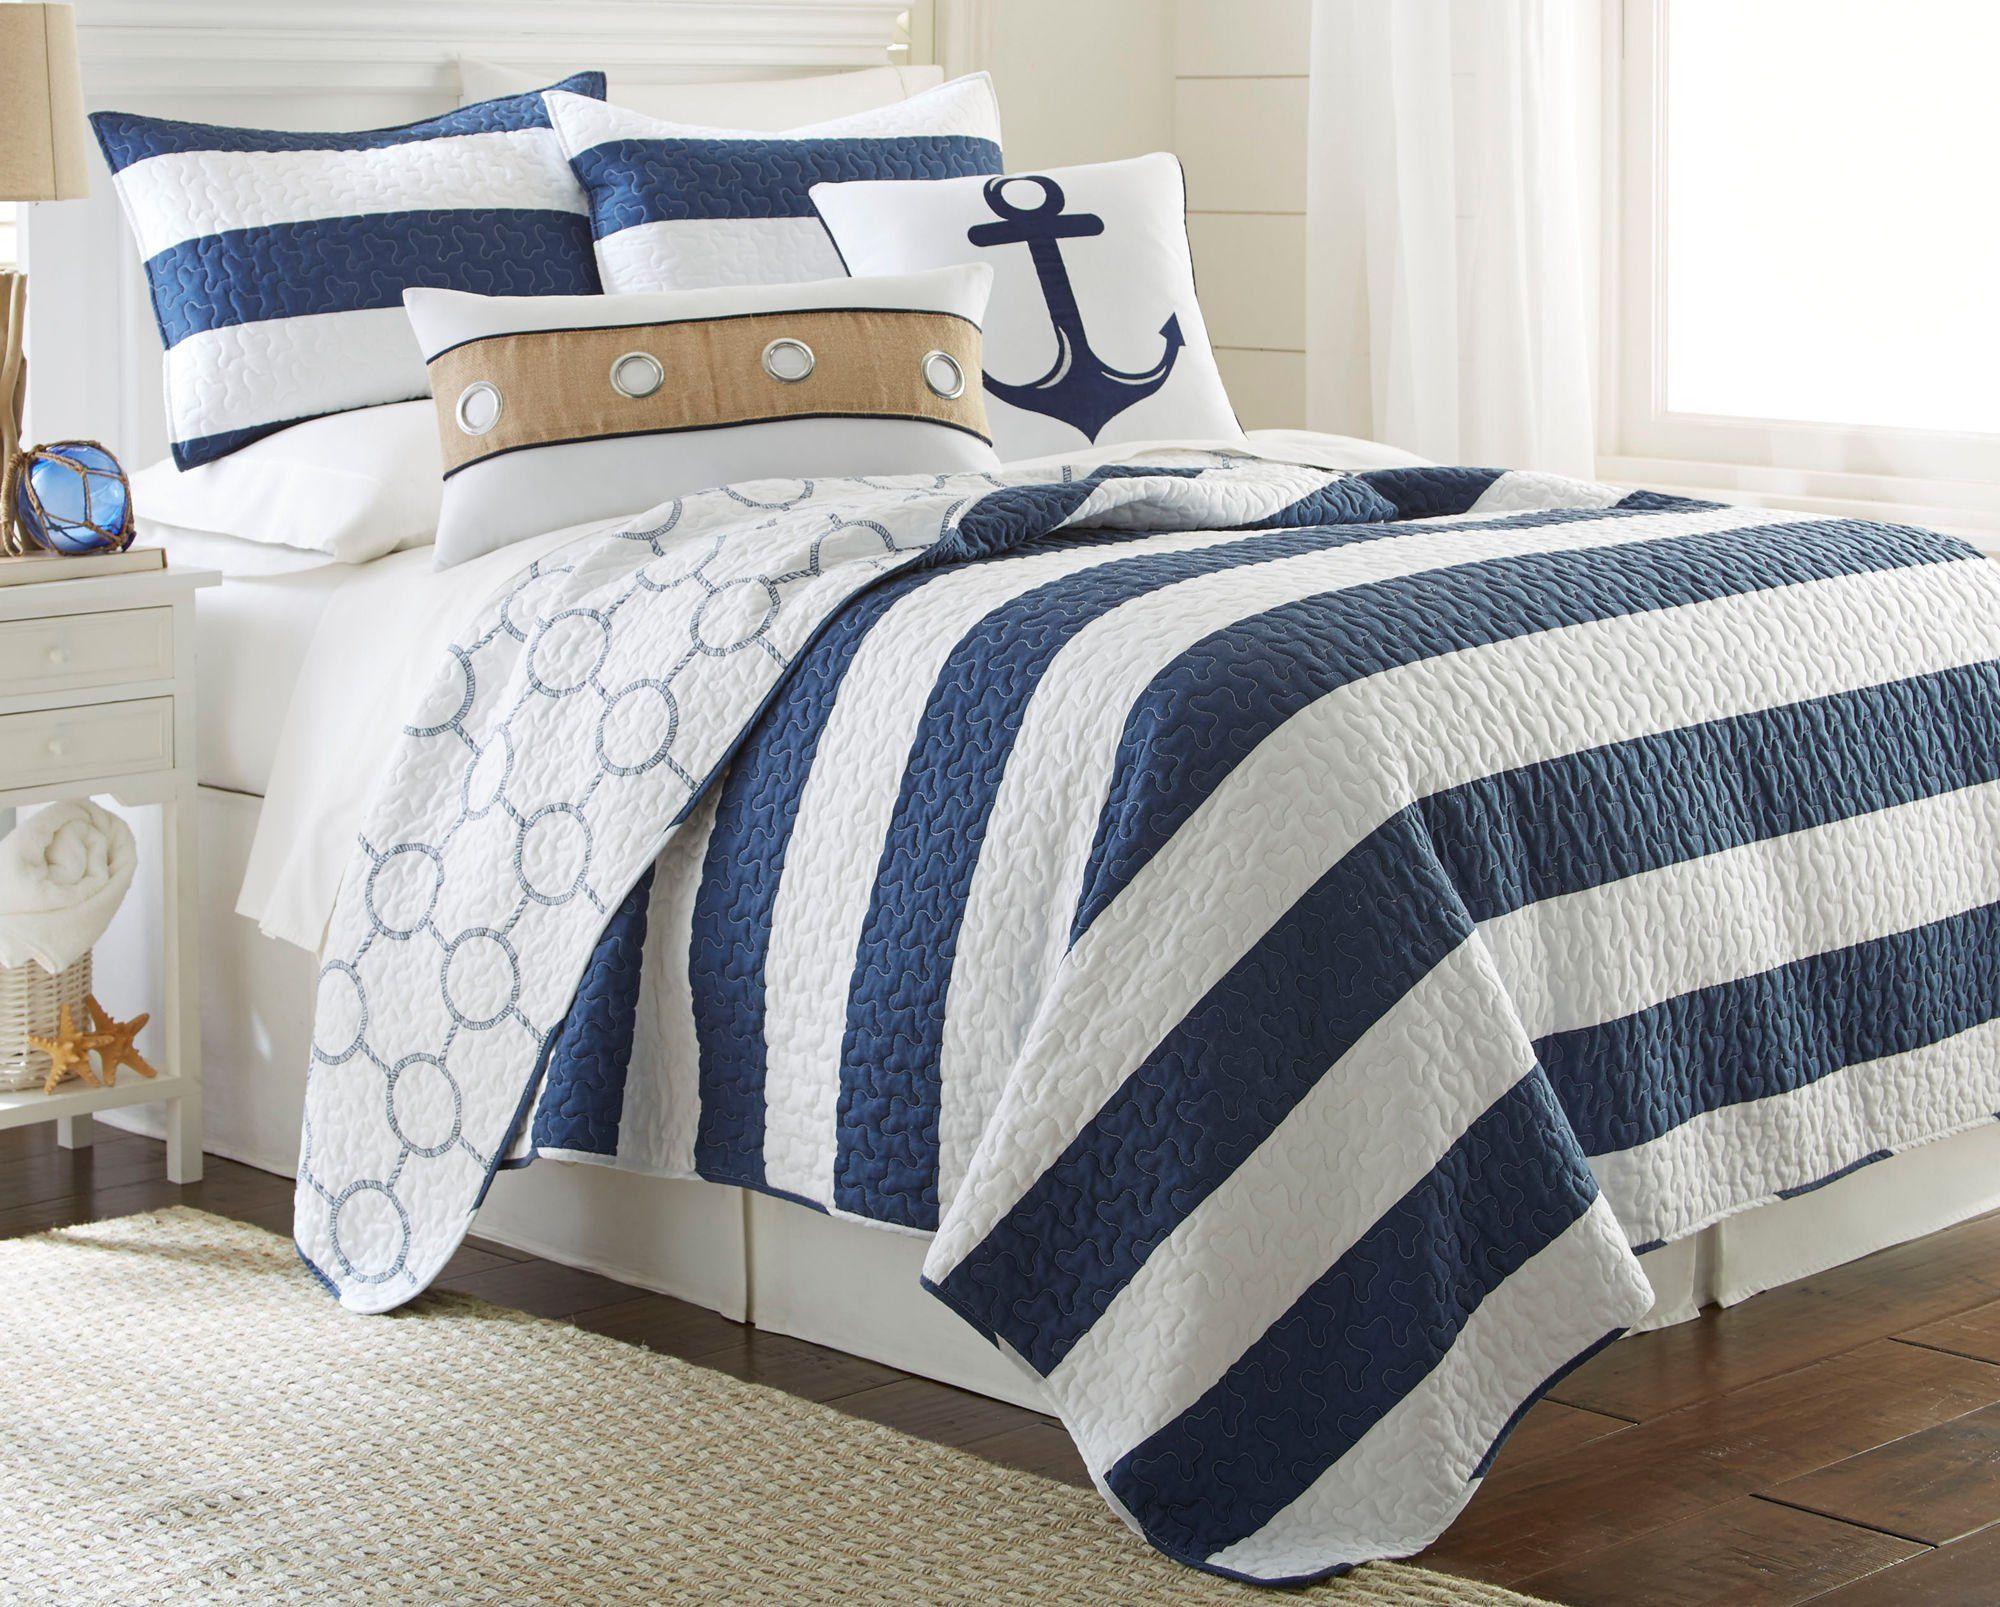 elise  james home hallie rope quilt set bedding full